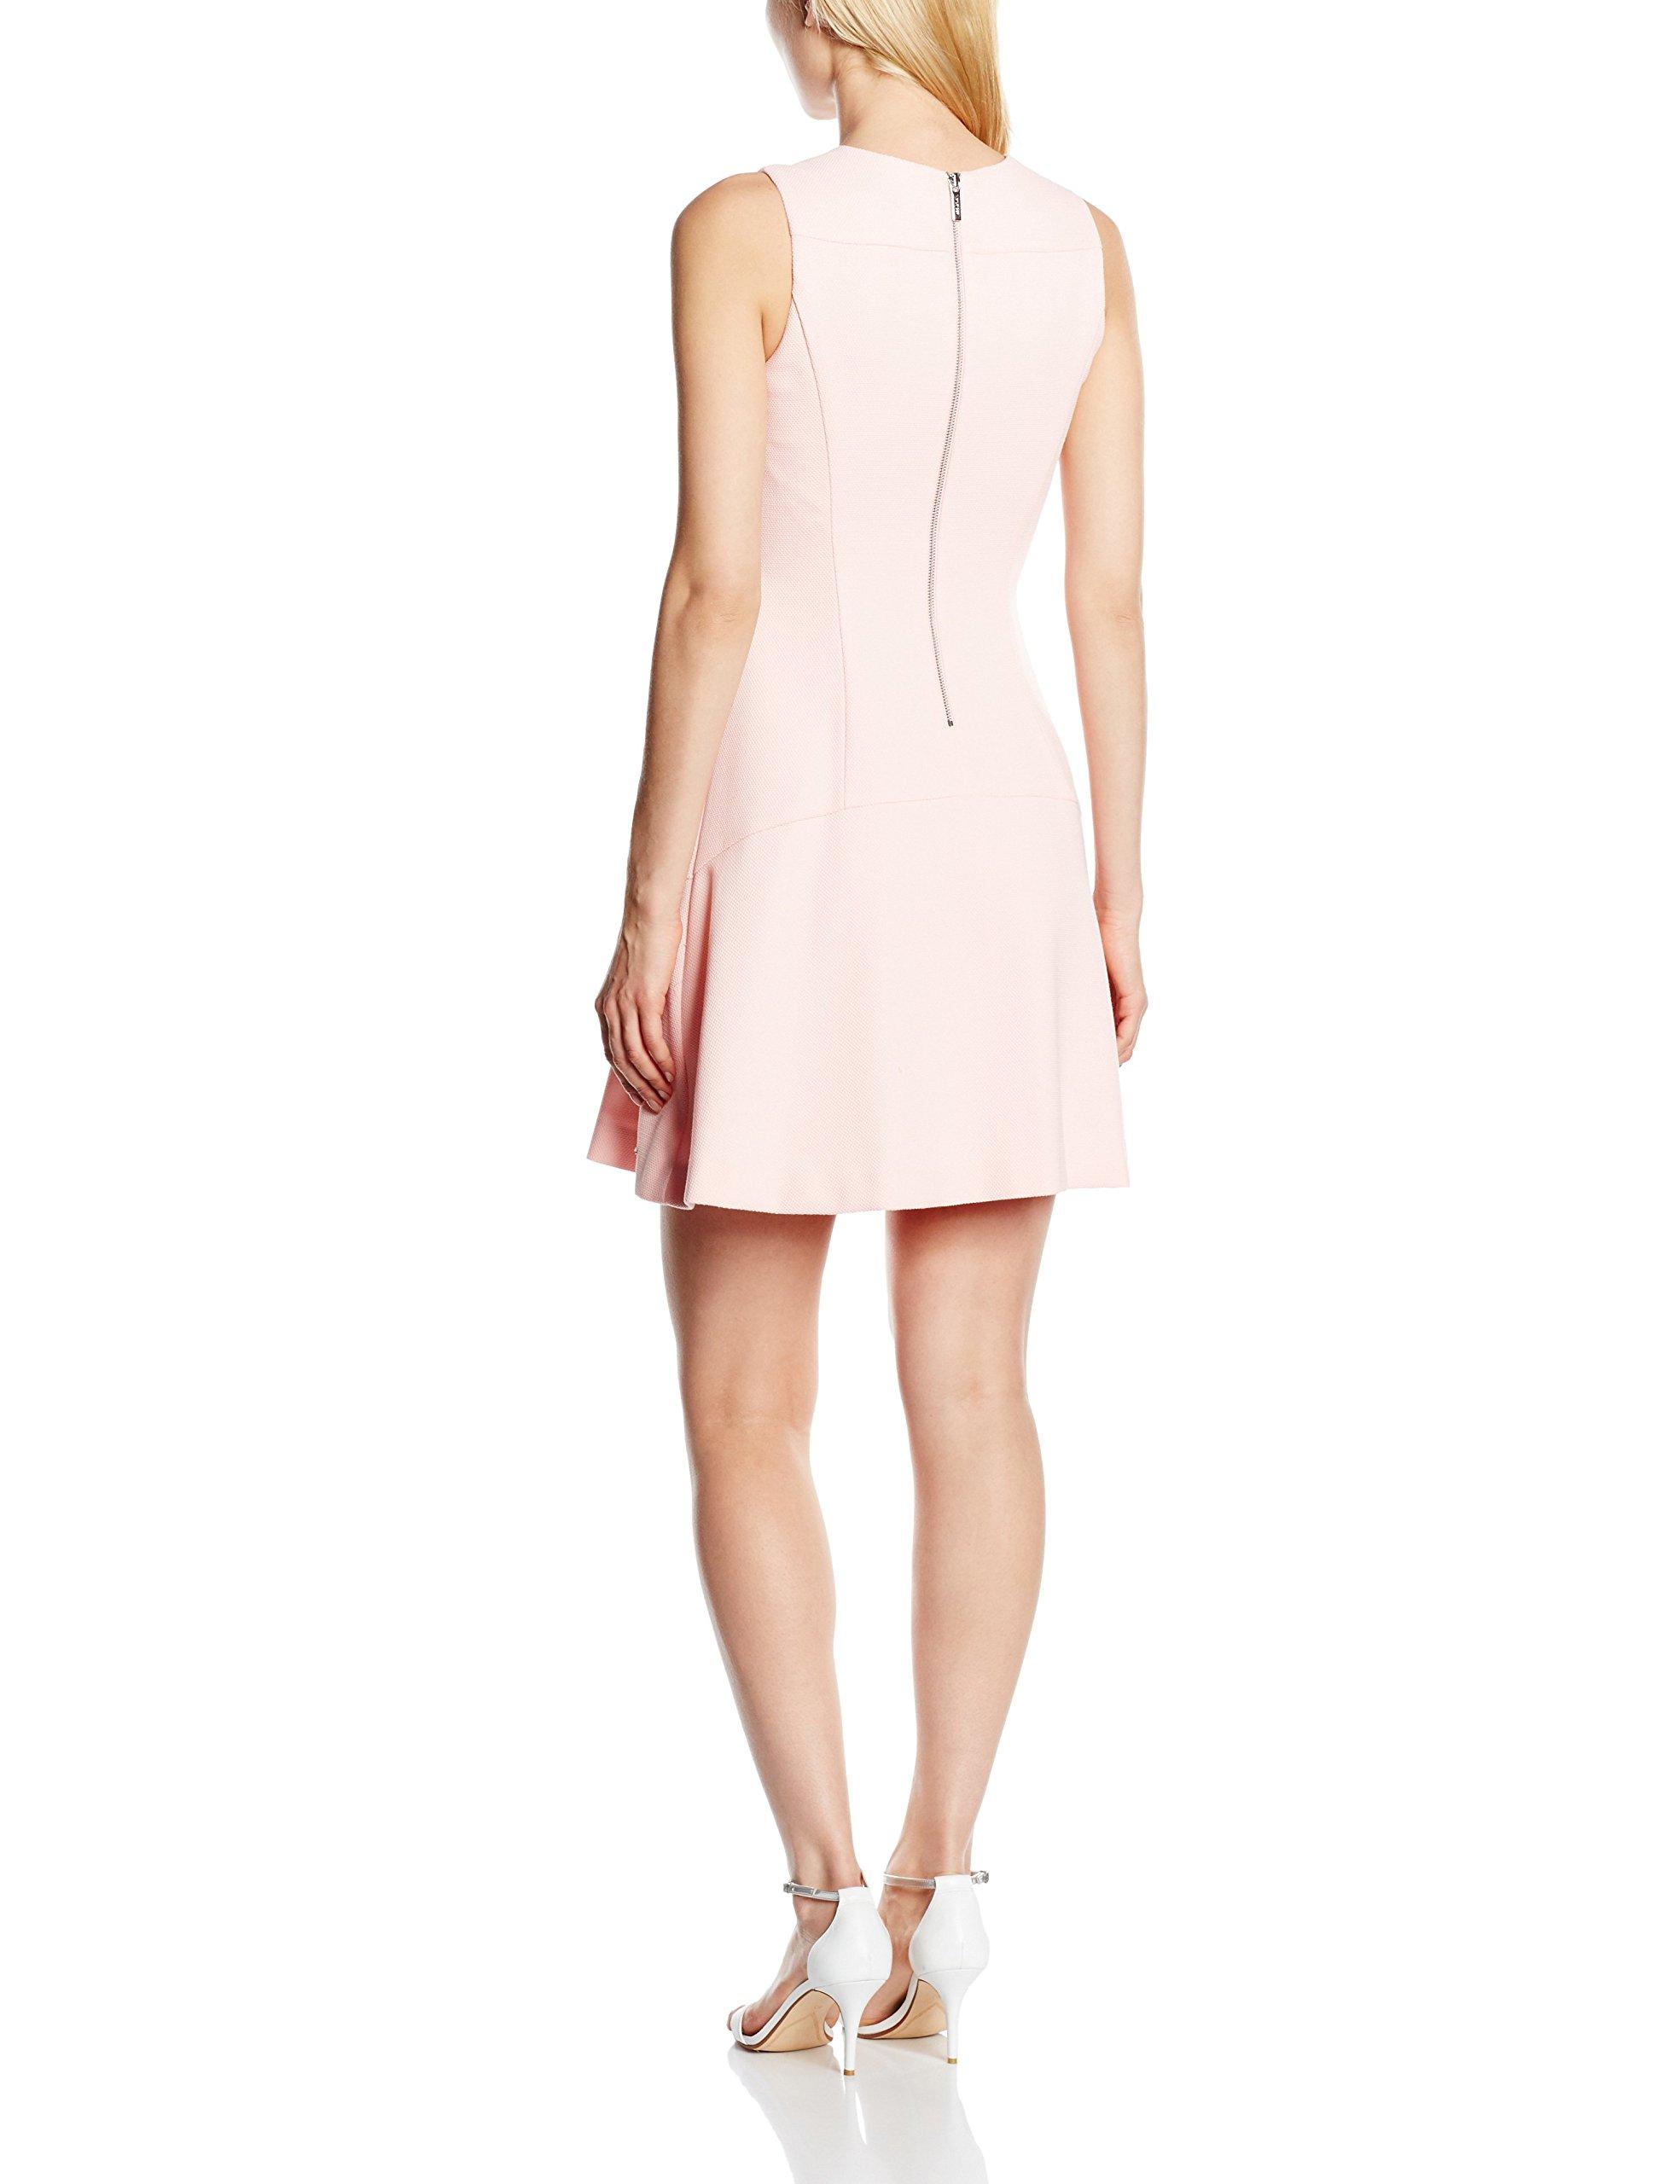 Tommy Hilfiger Jemma Dress NS Vestido para Mujer